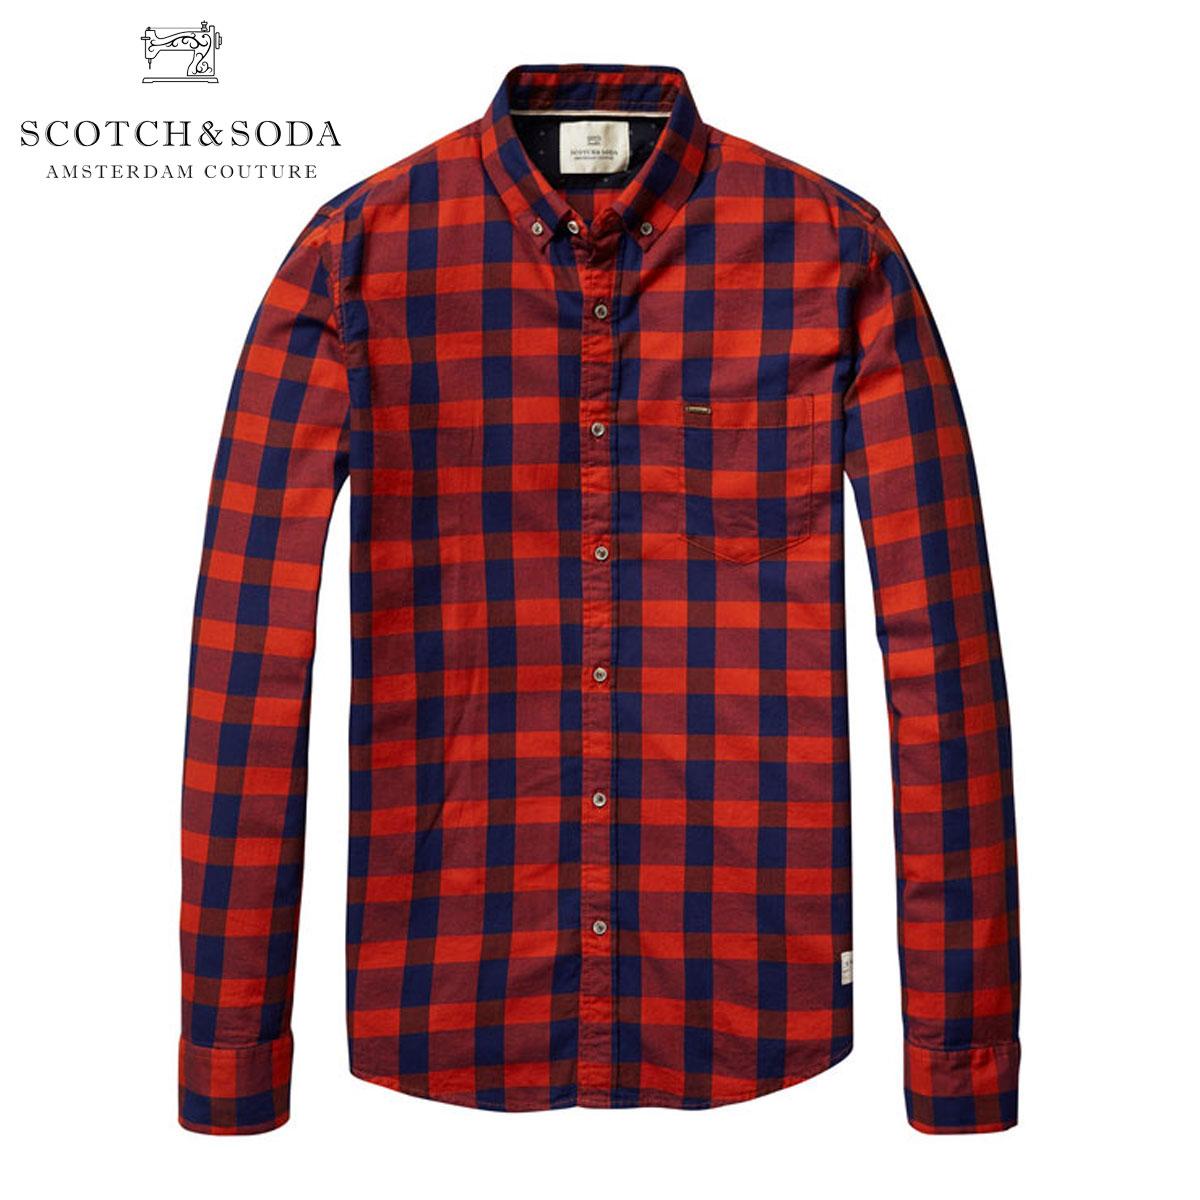 スコッチアンドソーダ SCOTCH&SODA 正規販売店 メンズ 長袖シャツ Button down shirt in brushed cotton quality 101417 2C D00S20